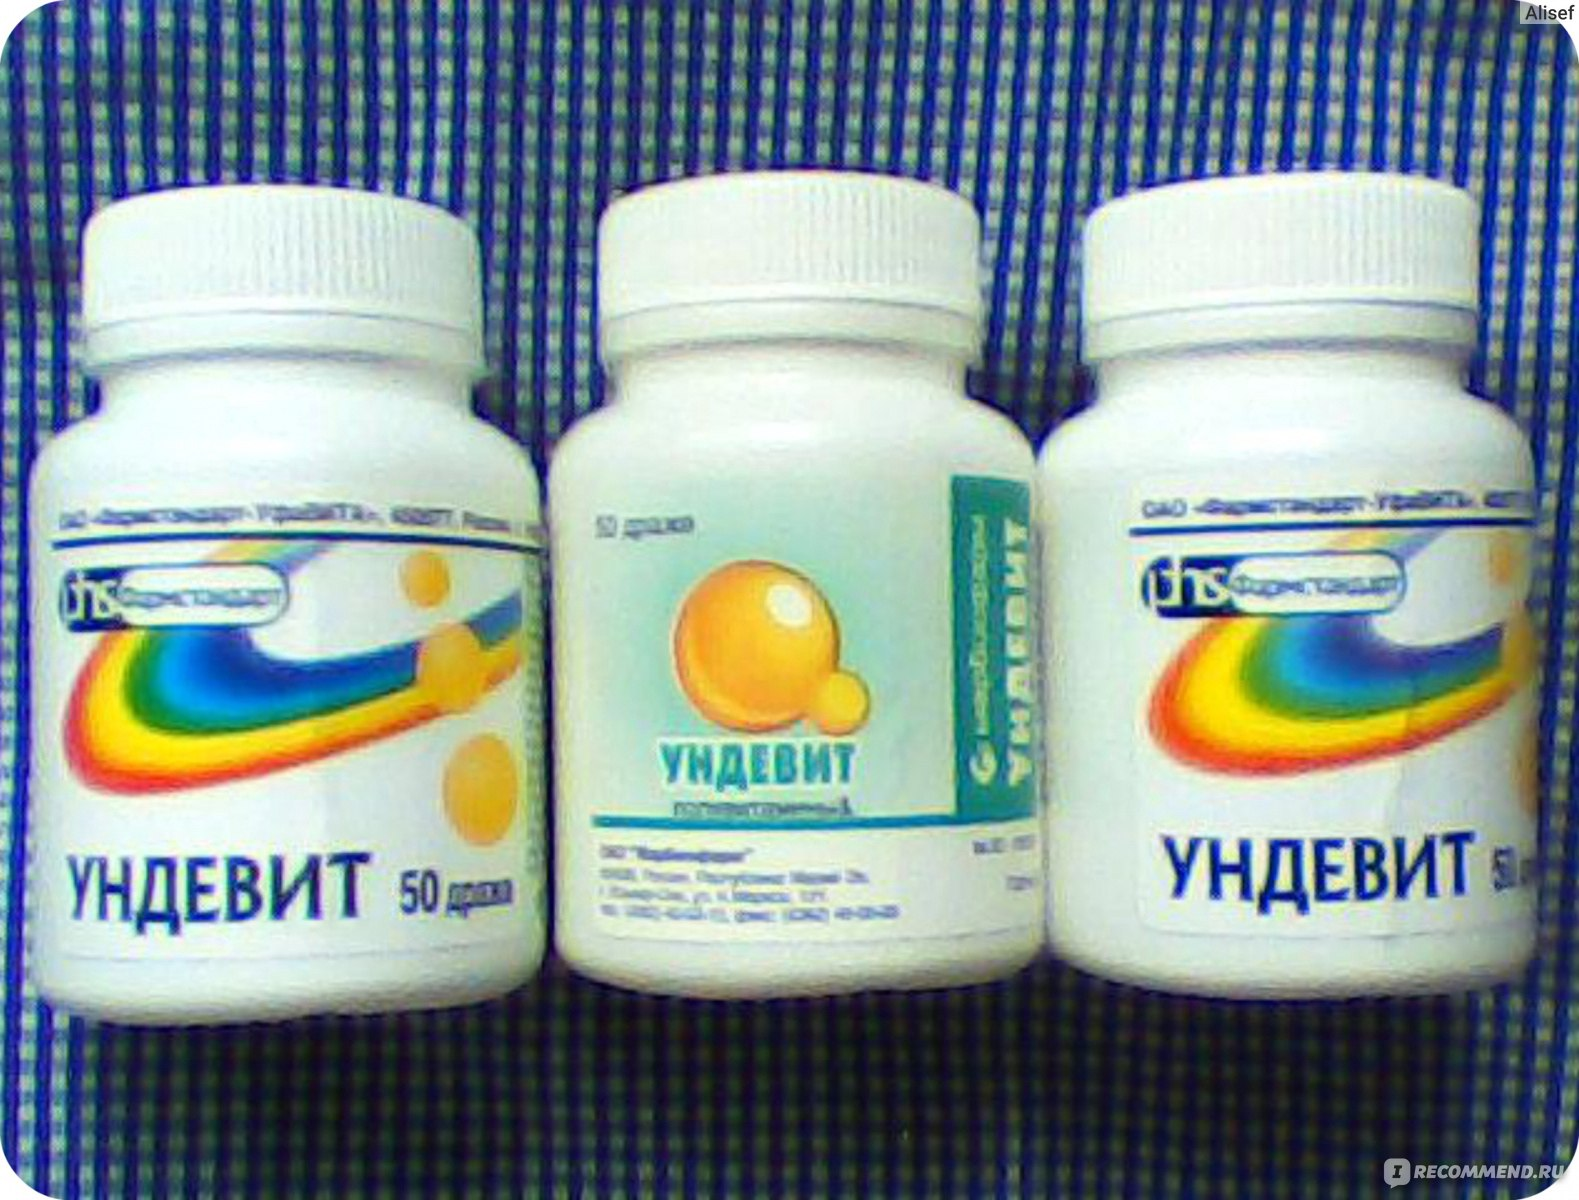 Недорогие Витамины На Диете. 8 лучших витаминов при похудении